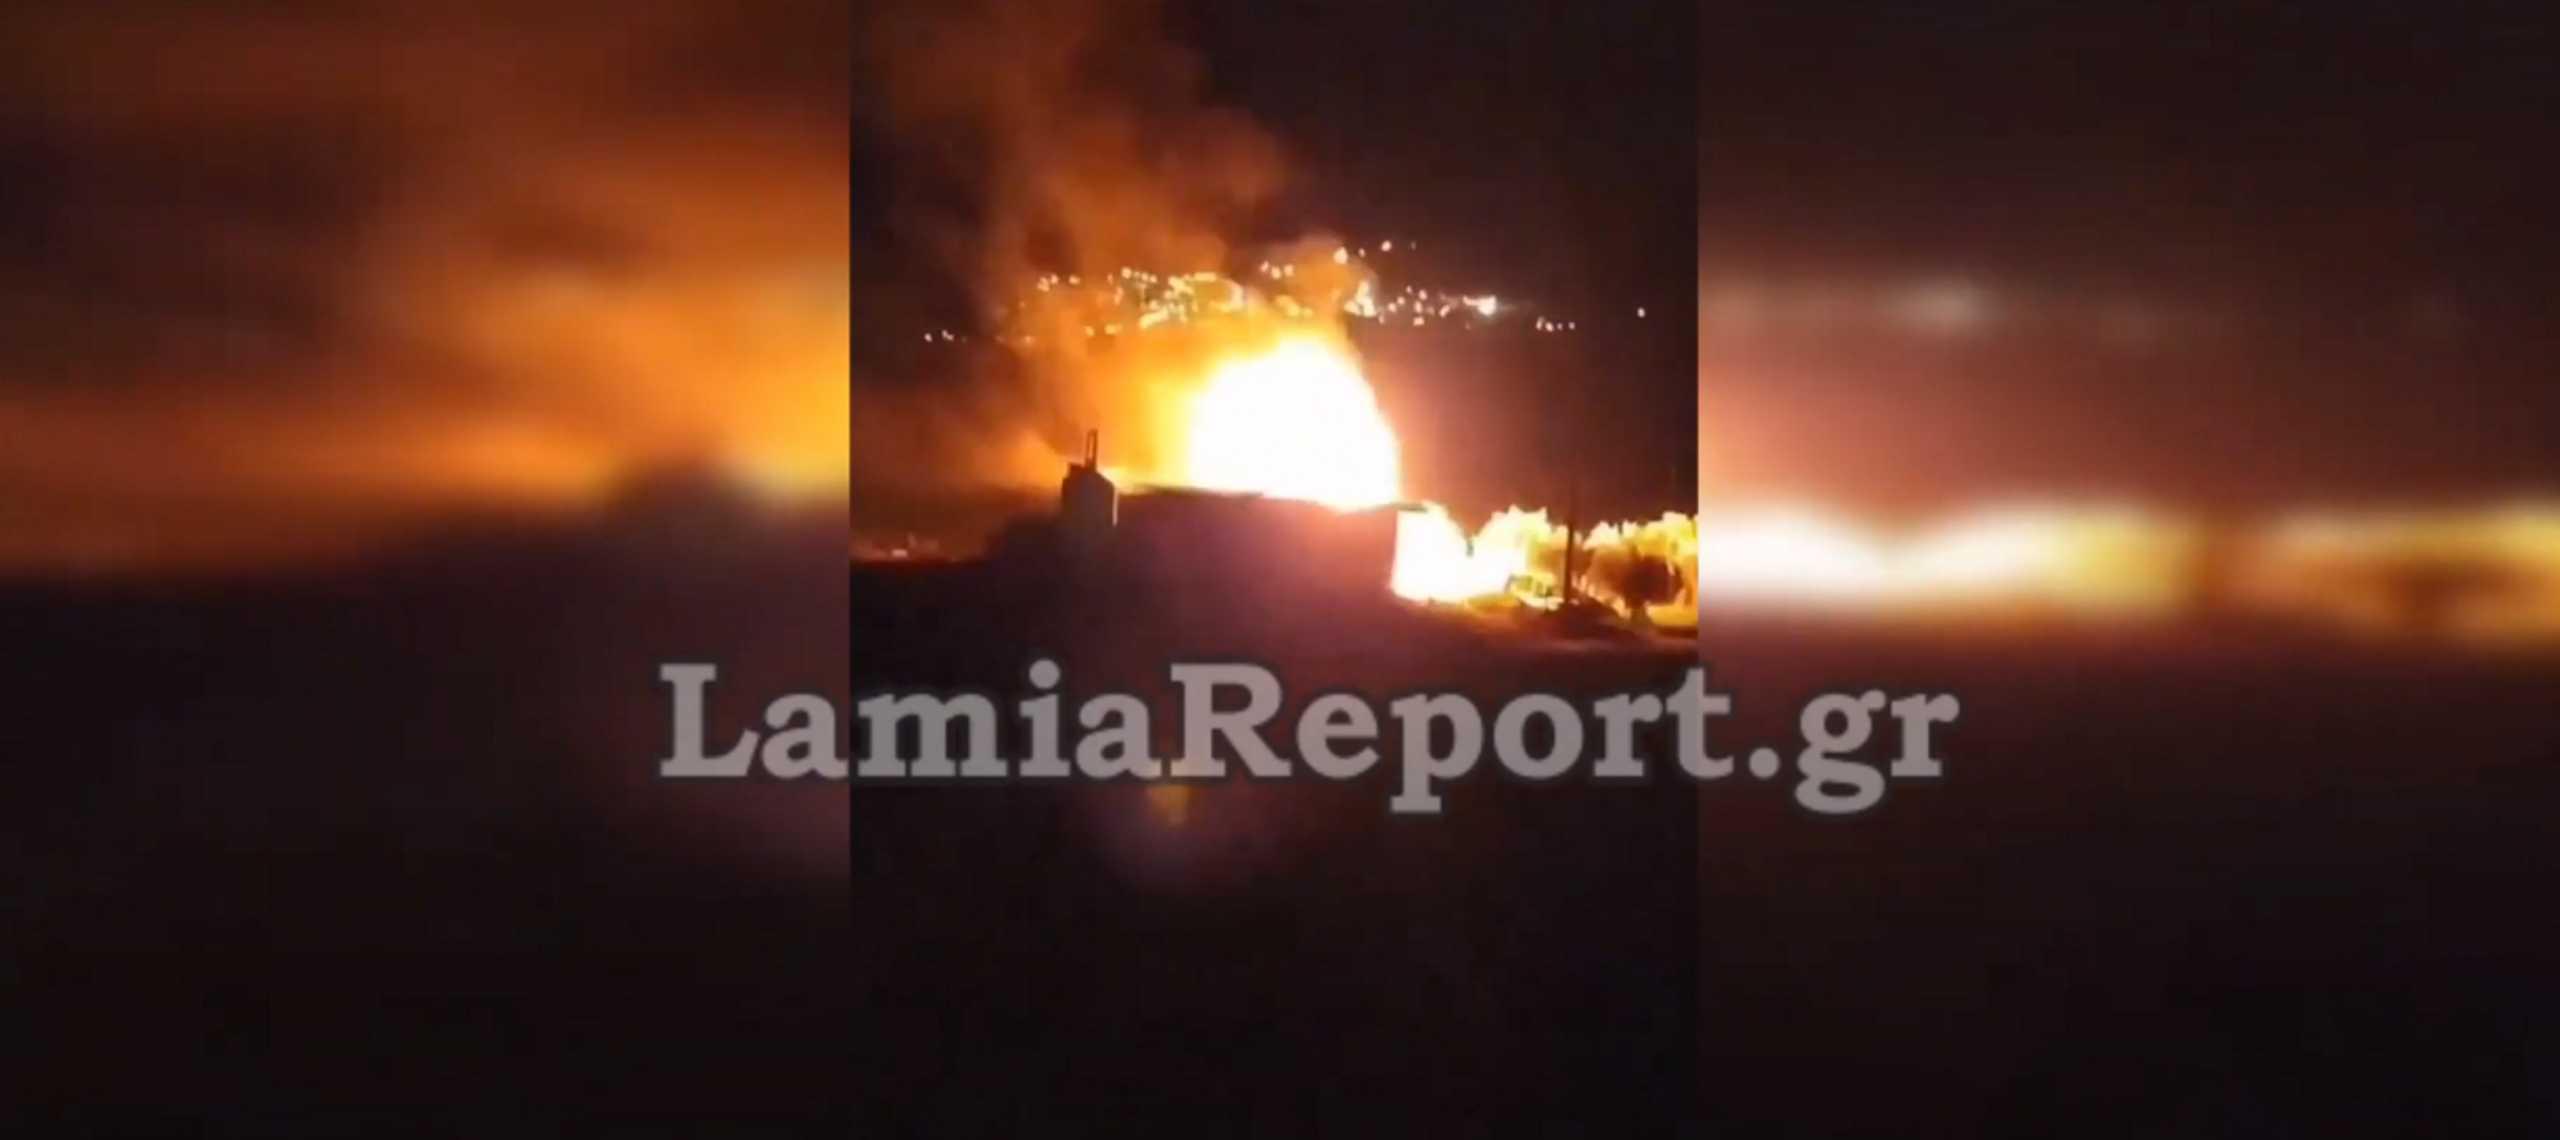 Λαμία: Παραλίγο νέα τραγωδία στην αποθήκη με τις φιάλες υγραερίου – Σοκαριστικές μαρτυρίες (pics, video)